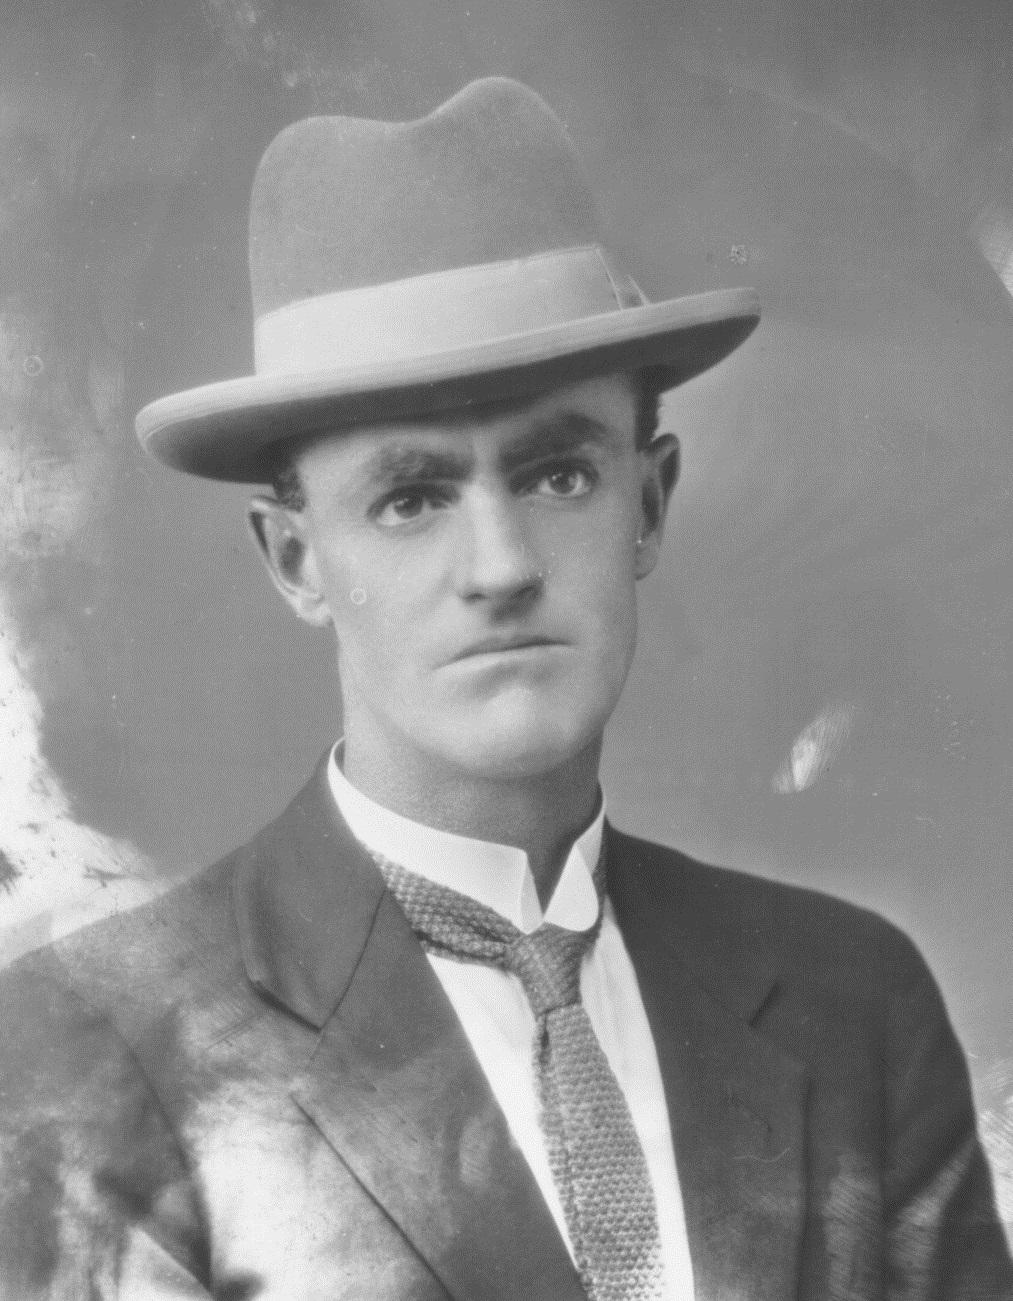 William TONKIN